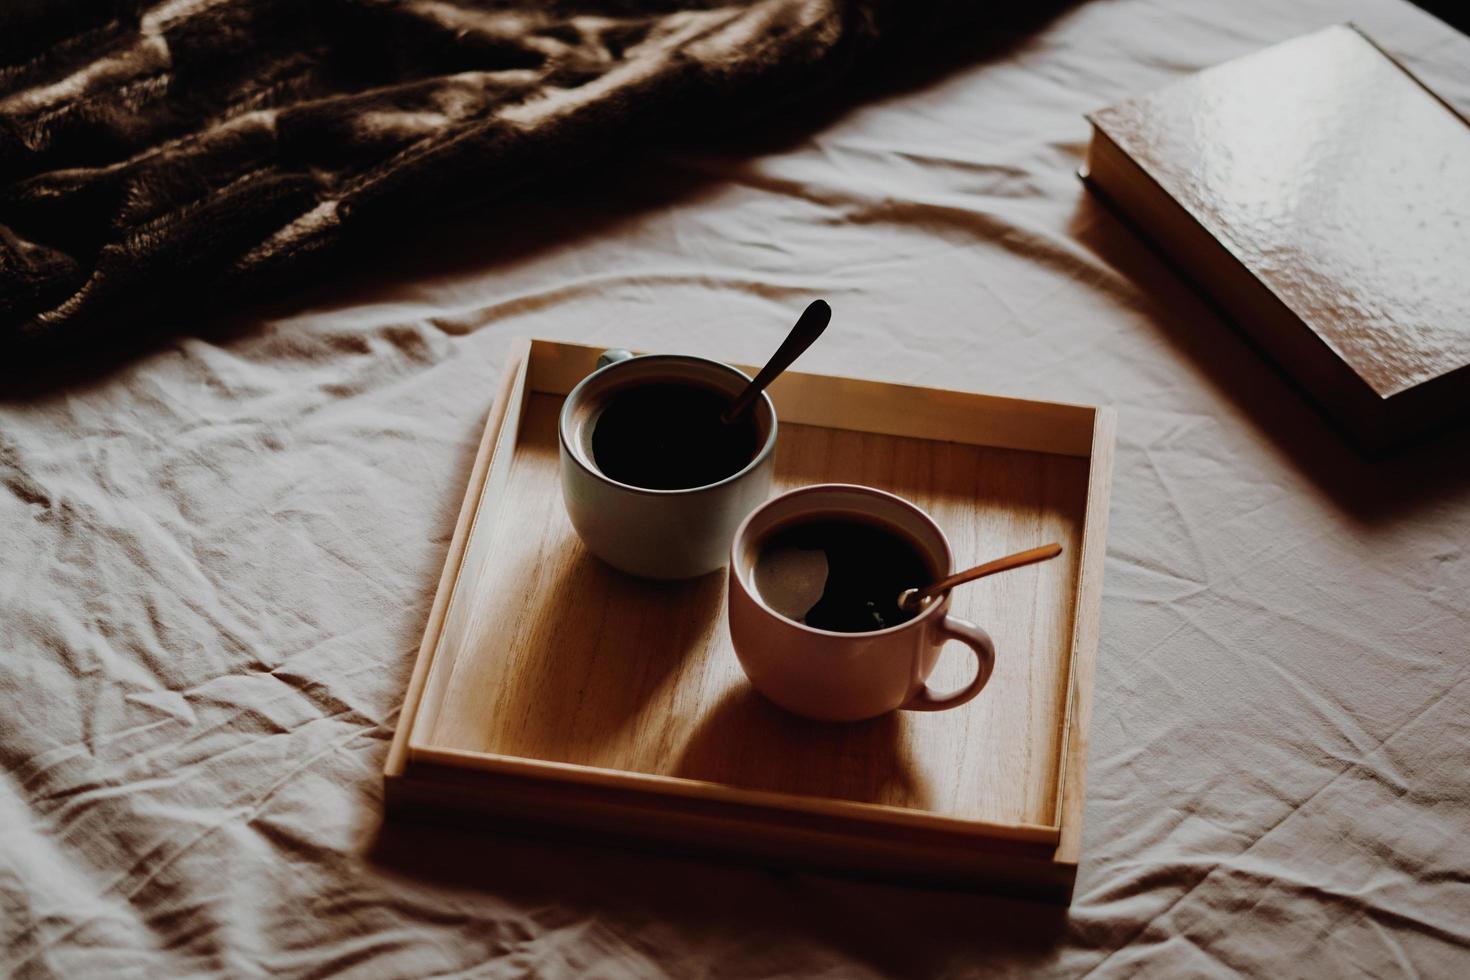 tazas de café en bandeja de madera en la cama foto